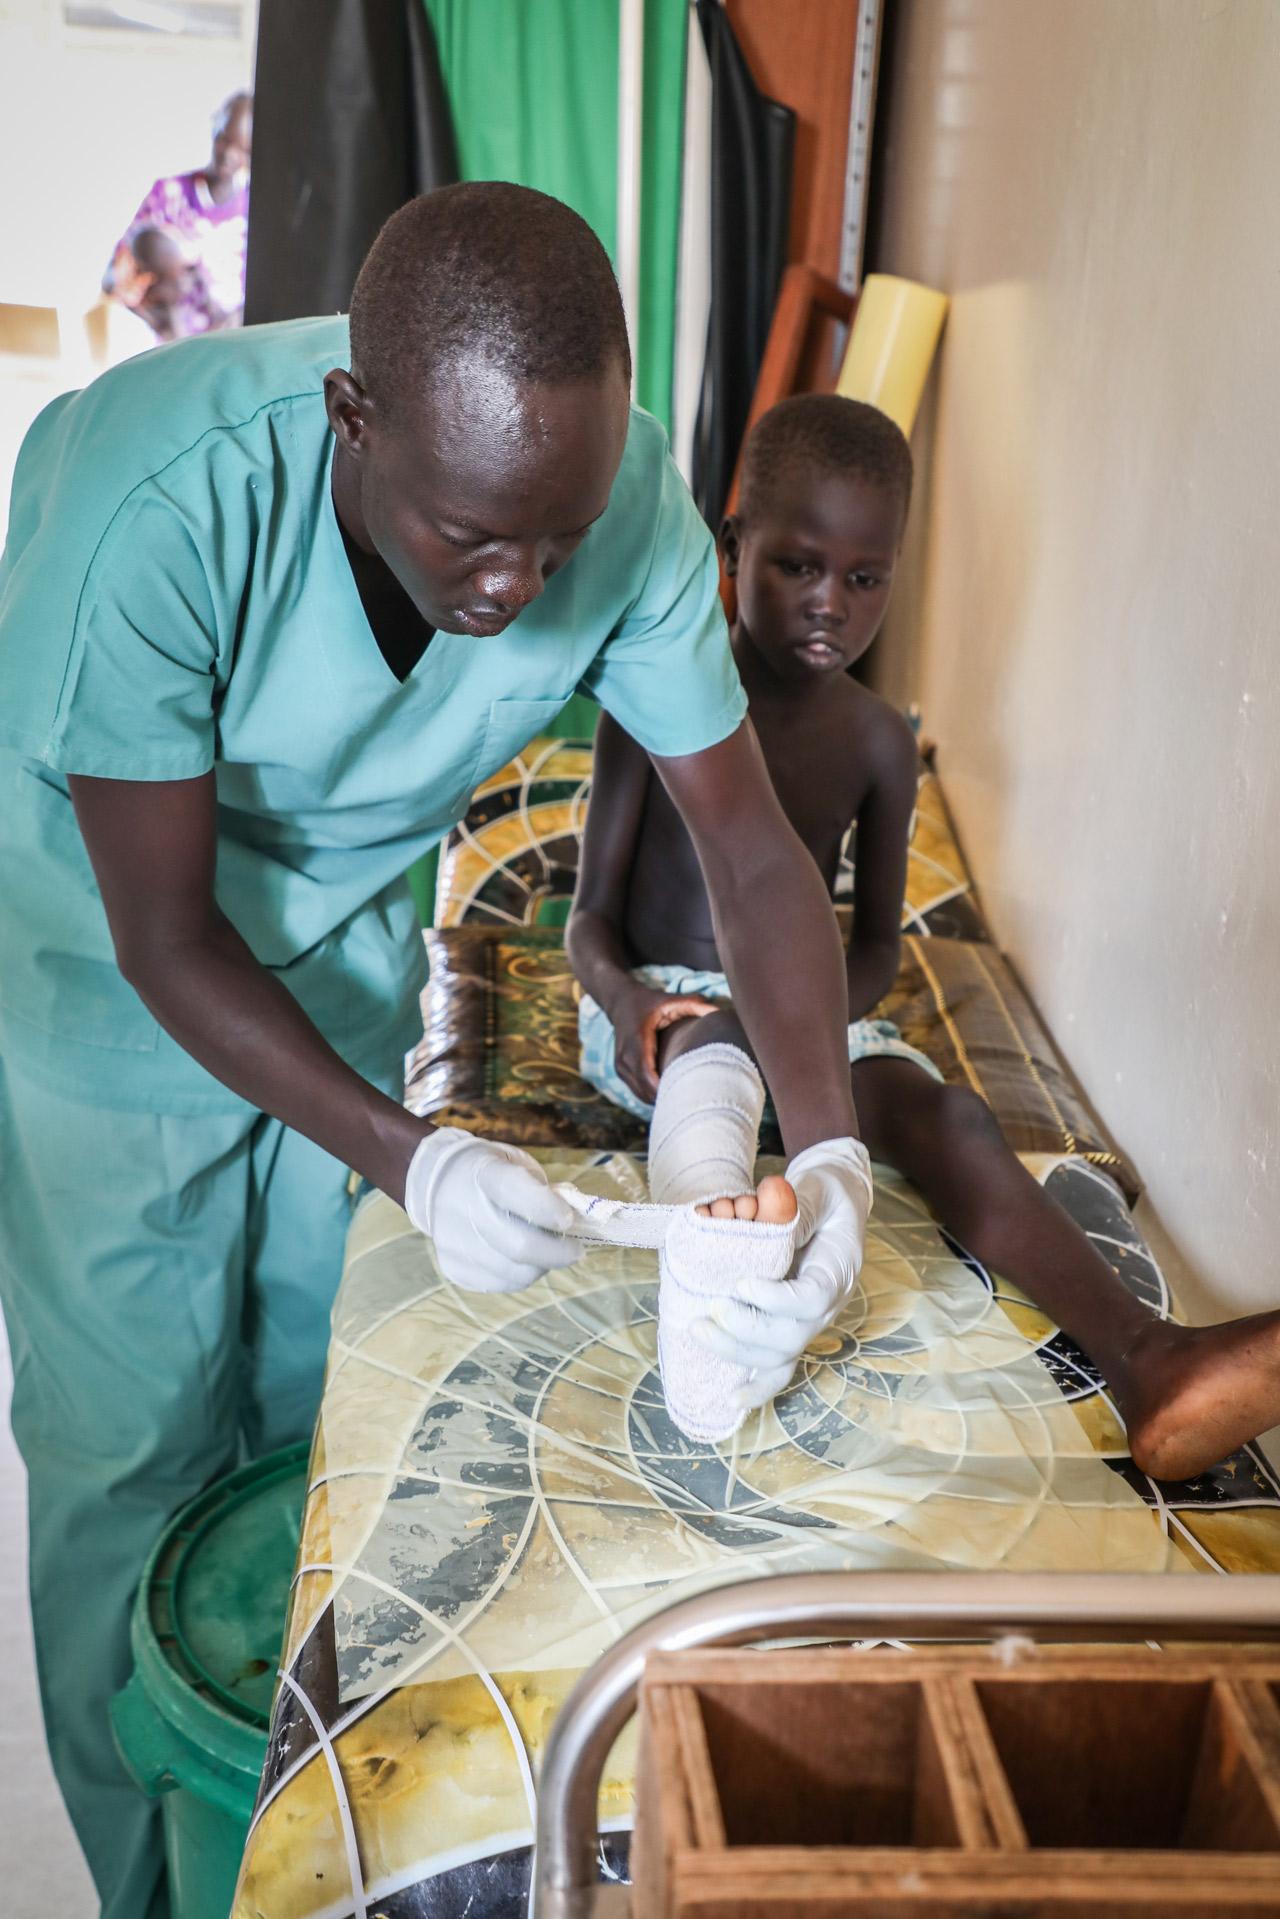 Un enfermero de MSF cambia los vendajes de un paciente de seis años mordido por una serpiente en el Hospital de Agok, en Sudán del Sur.